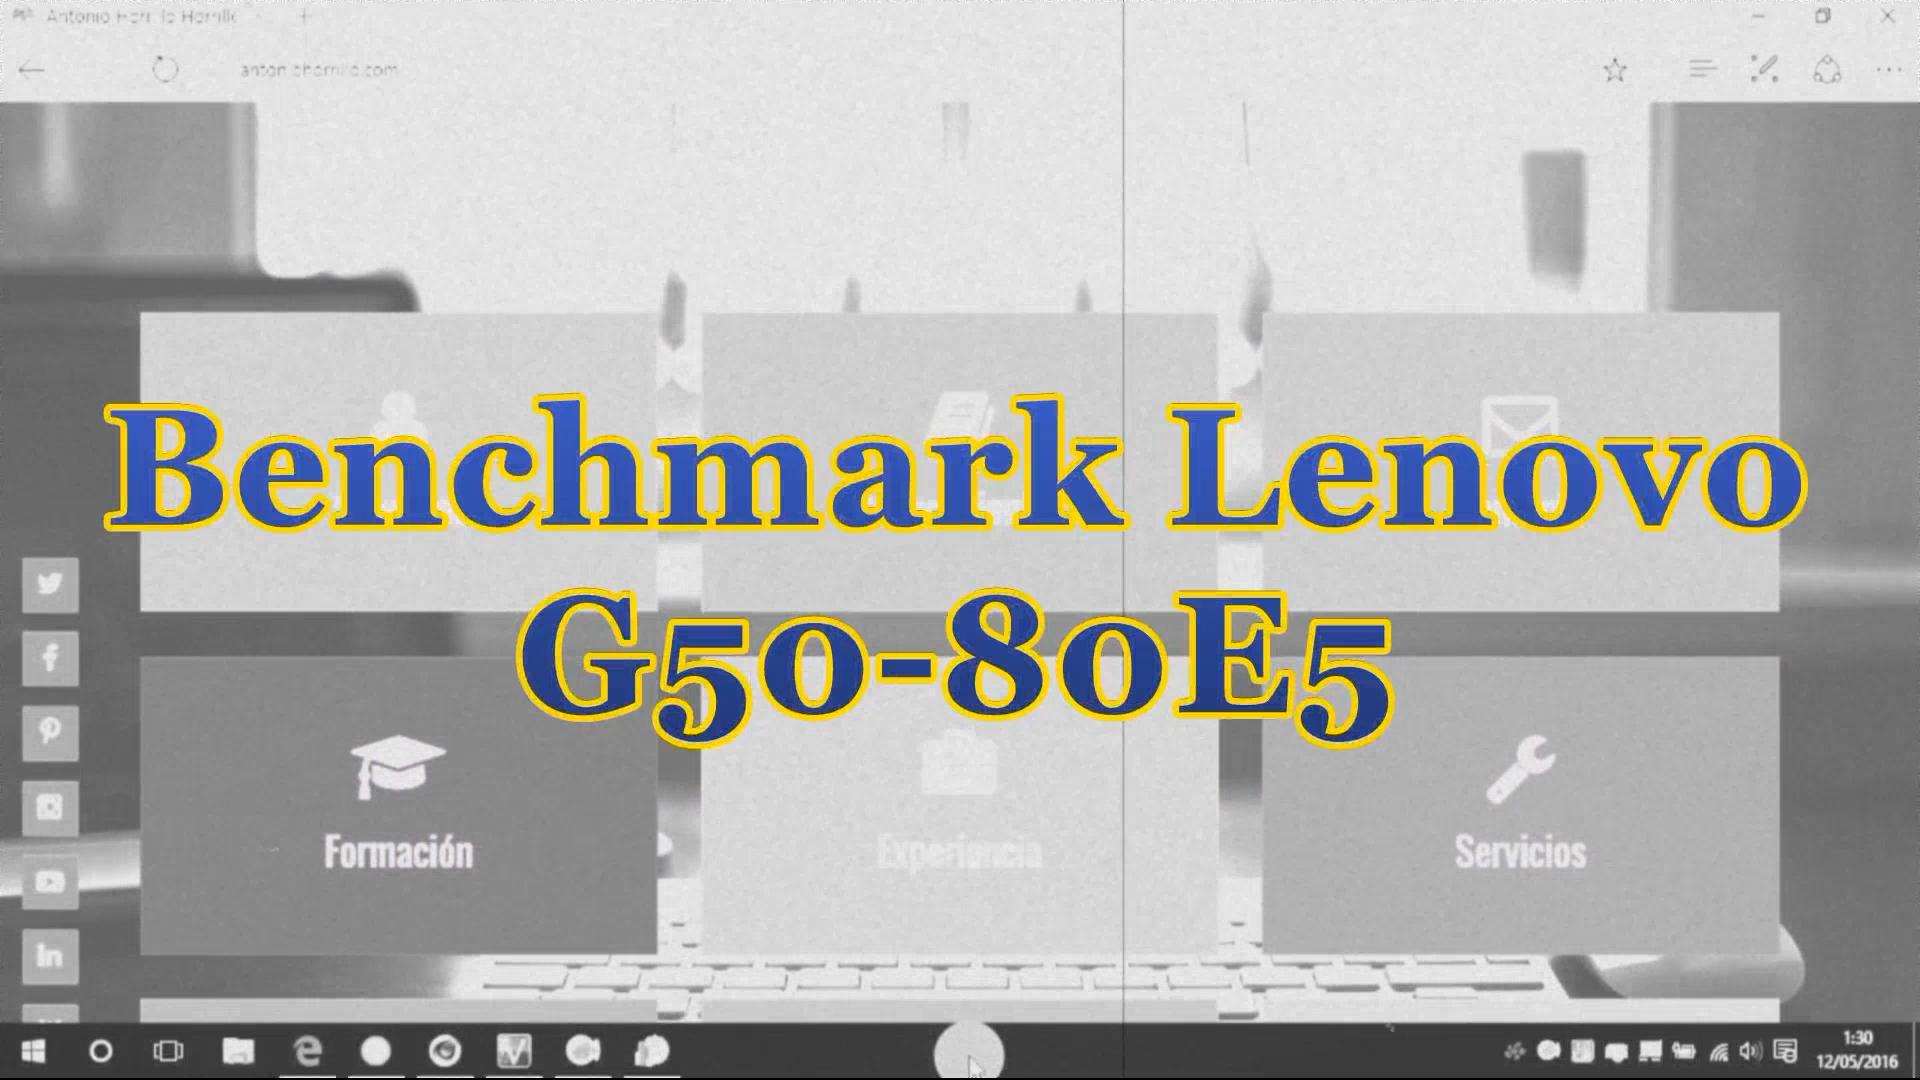 Benchmark Lenovo G50-80E5.